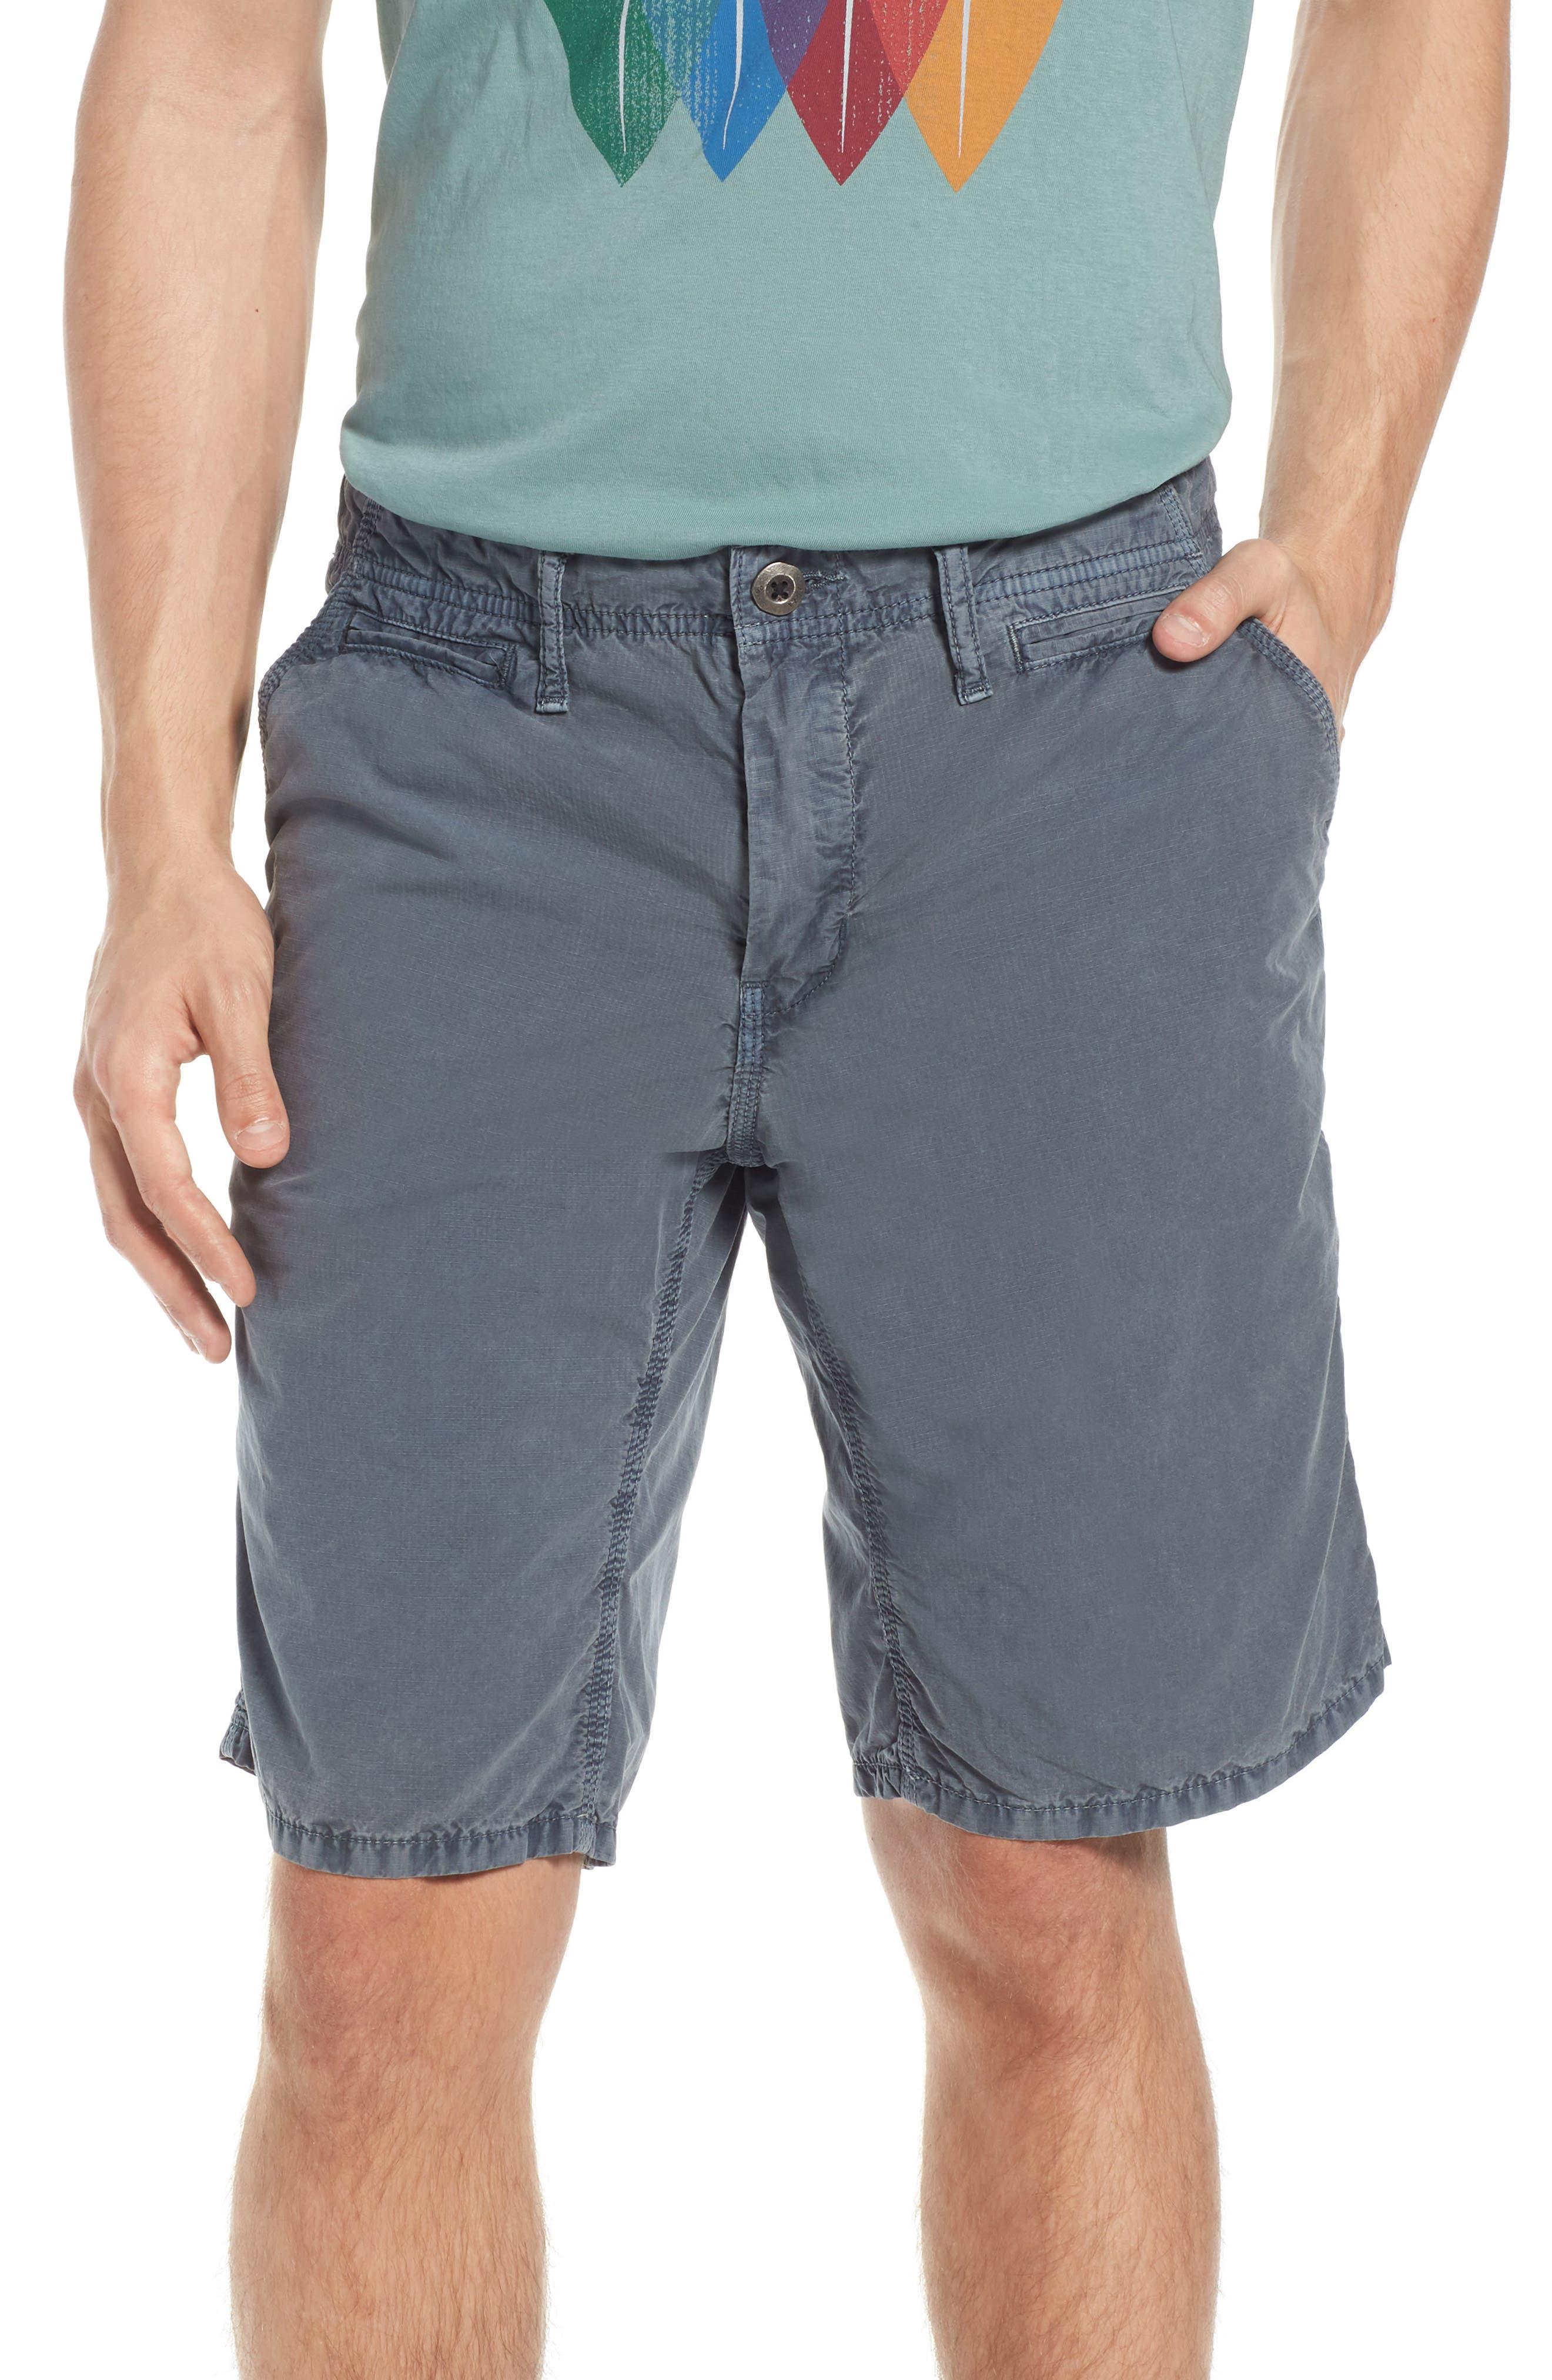 Palm Springs Shorts,                             Main thumbnail 1, color,